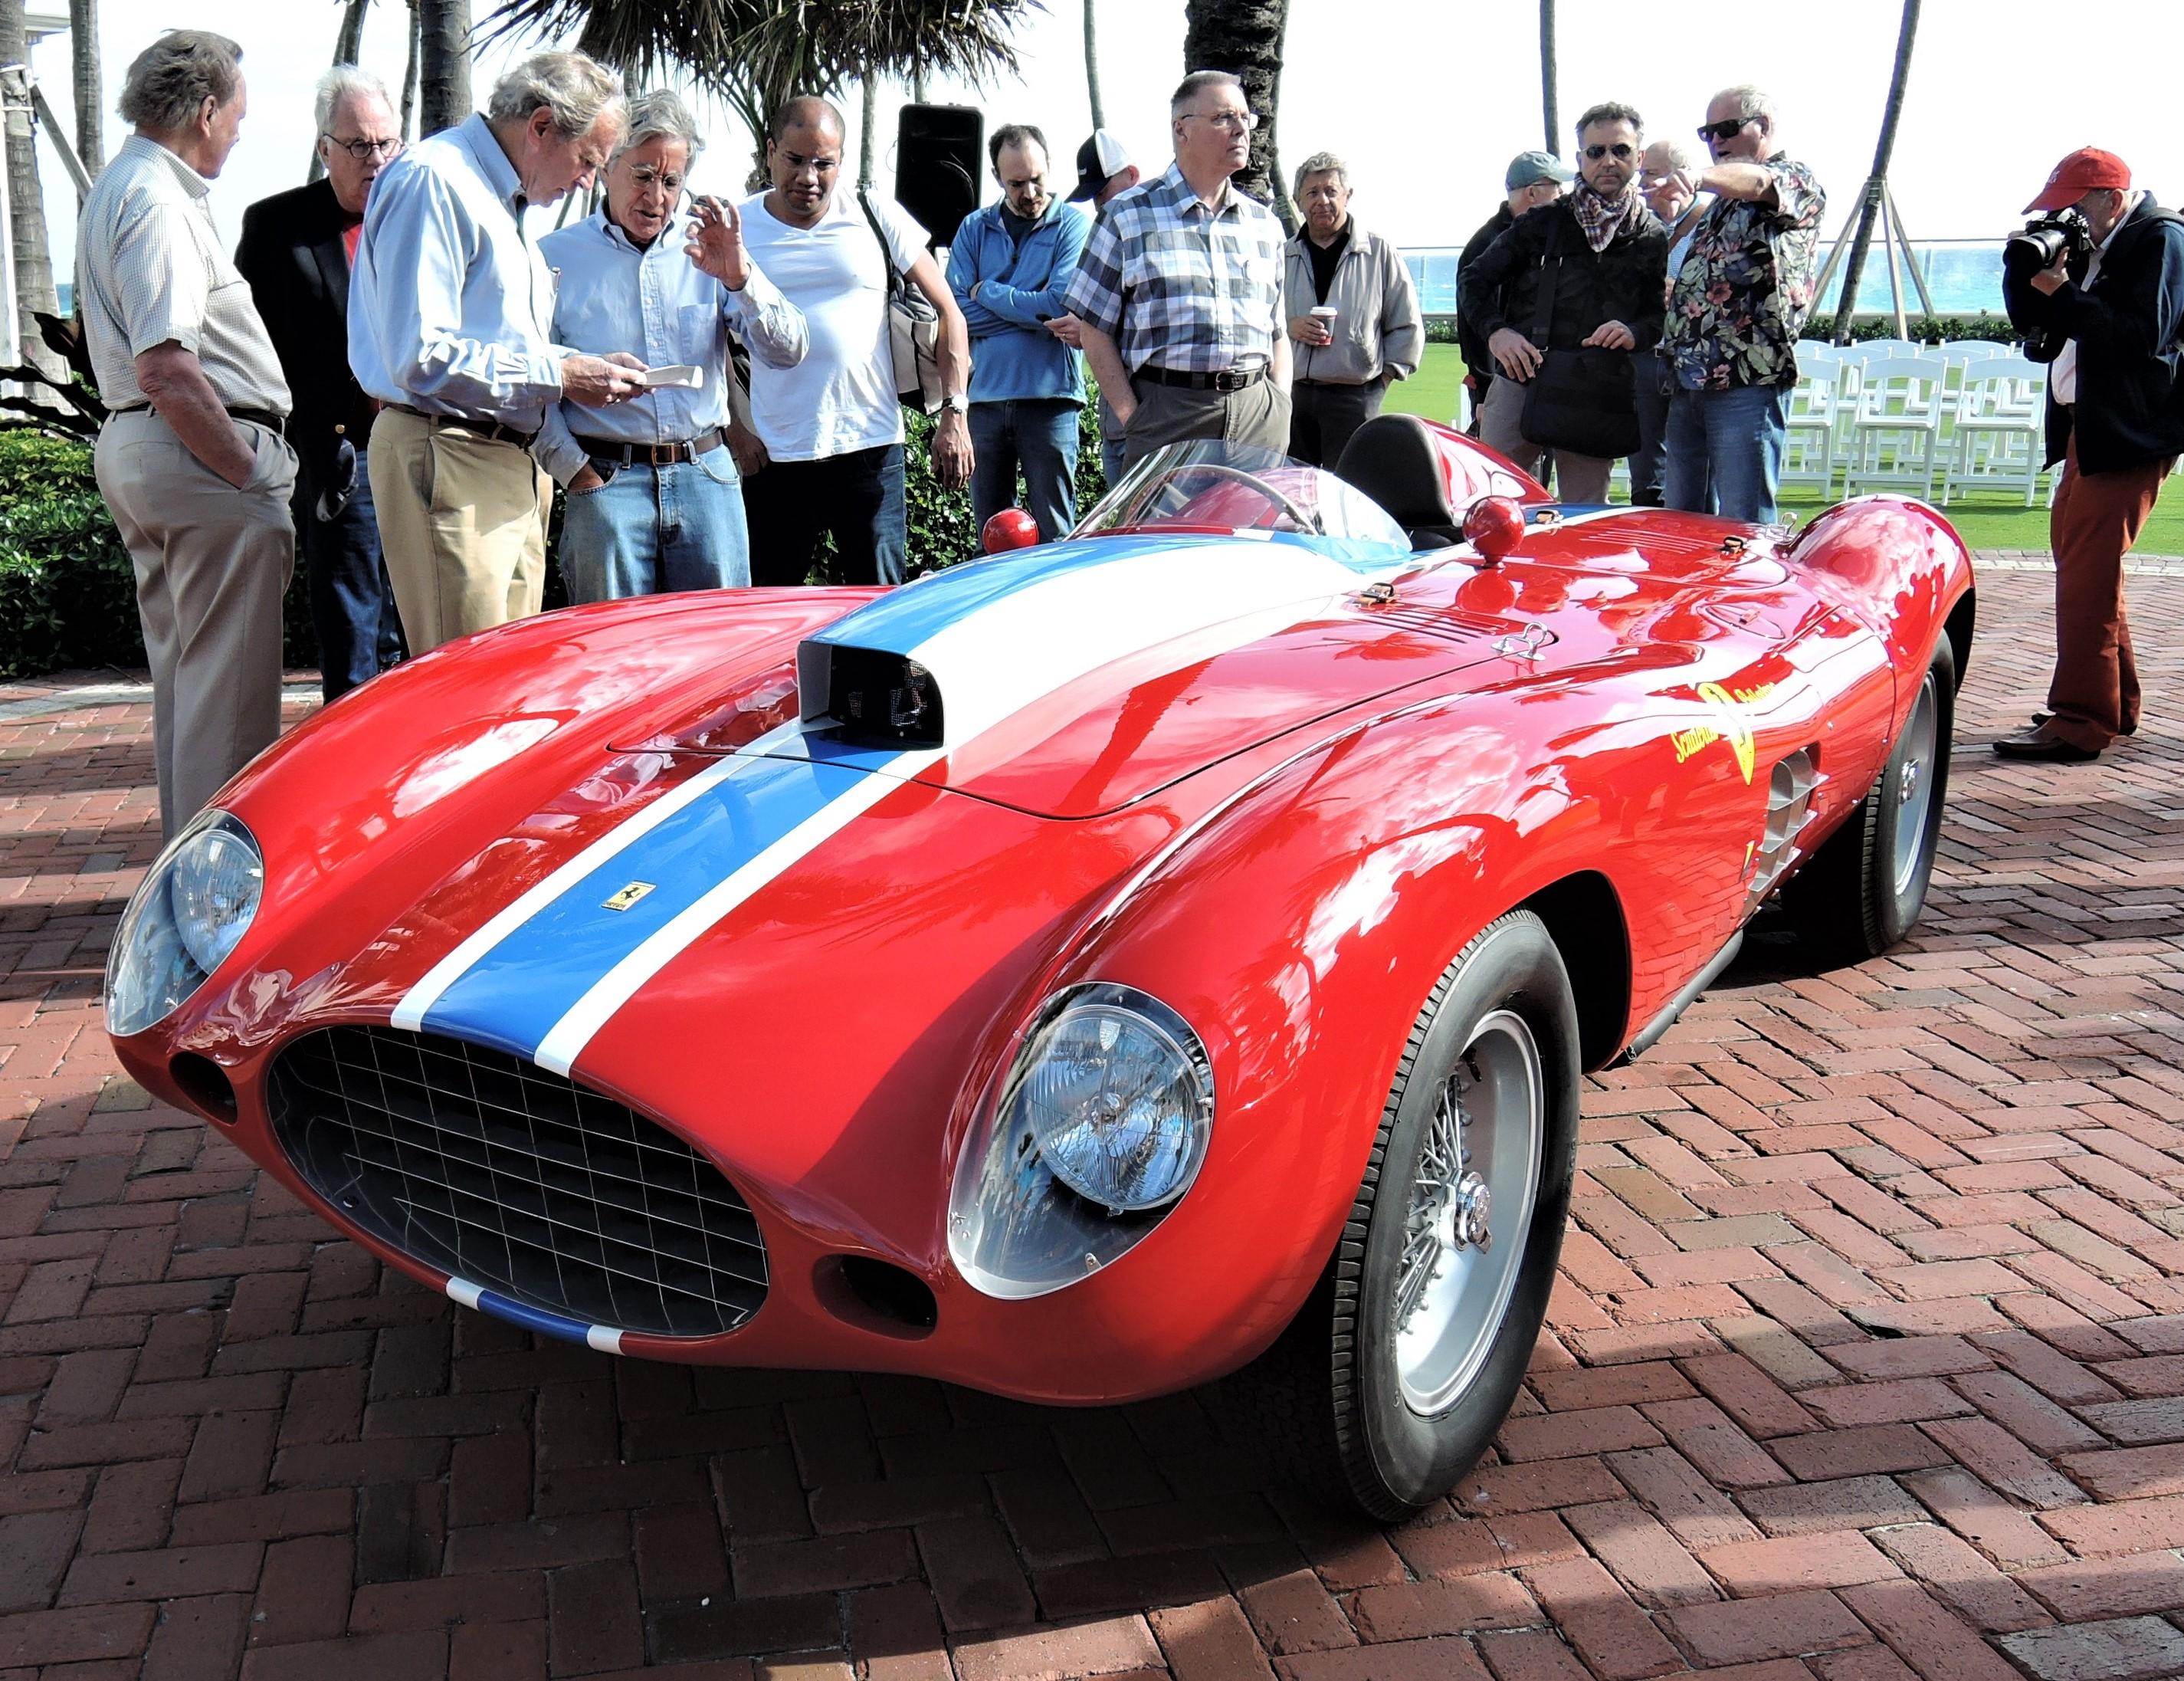 1955 Ferrari 410 Sport Scaglietti Spyder; Sn 0592 CM - Cavallino 2018